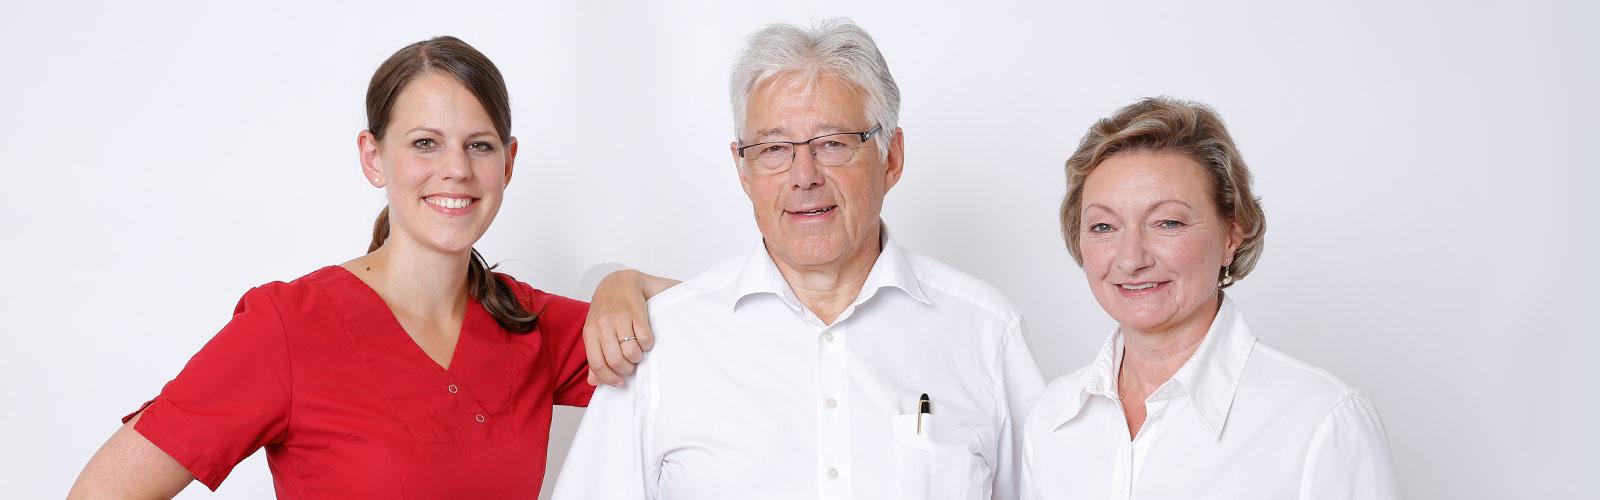 Zahnärztliche Gemeinschaftspraxis Dres. Dirlewanger, Lippemeier, Hörner und Partner